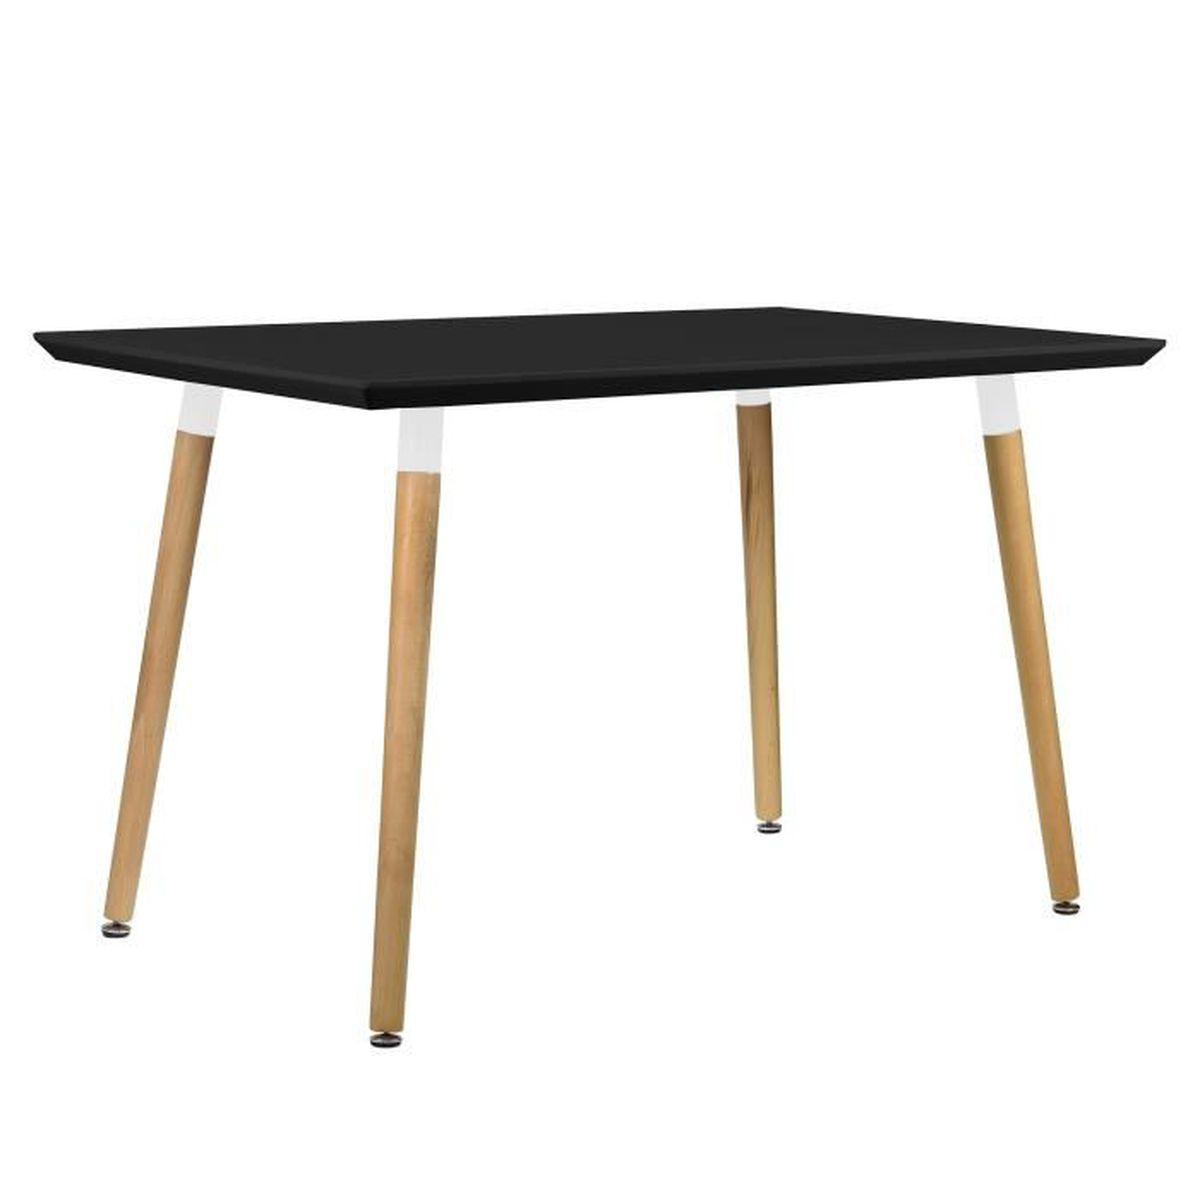 Salle En Table Chaises Noir 120x80cm casa Manger De 4 À Pour 34qjSALc5R